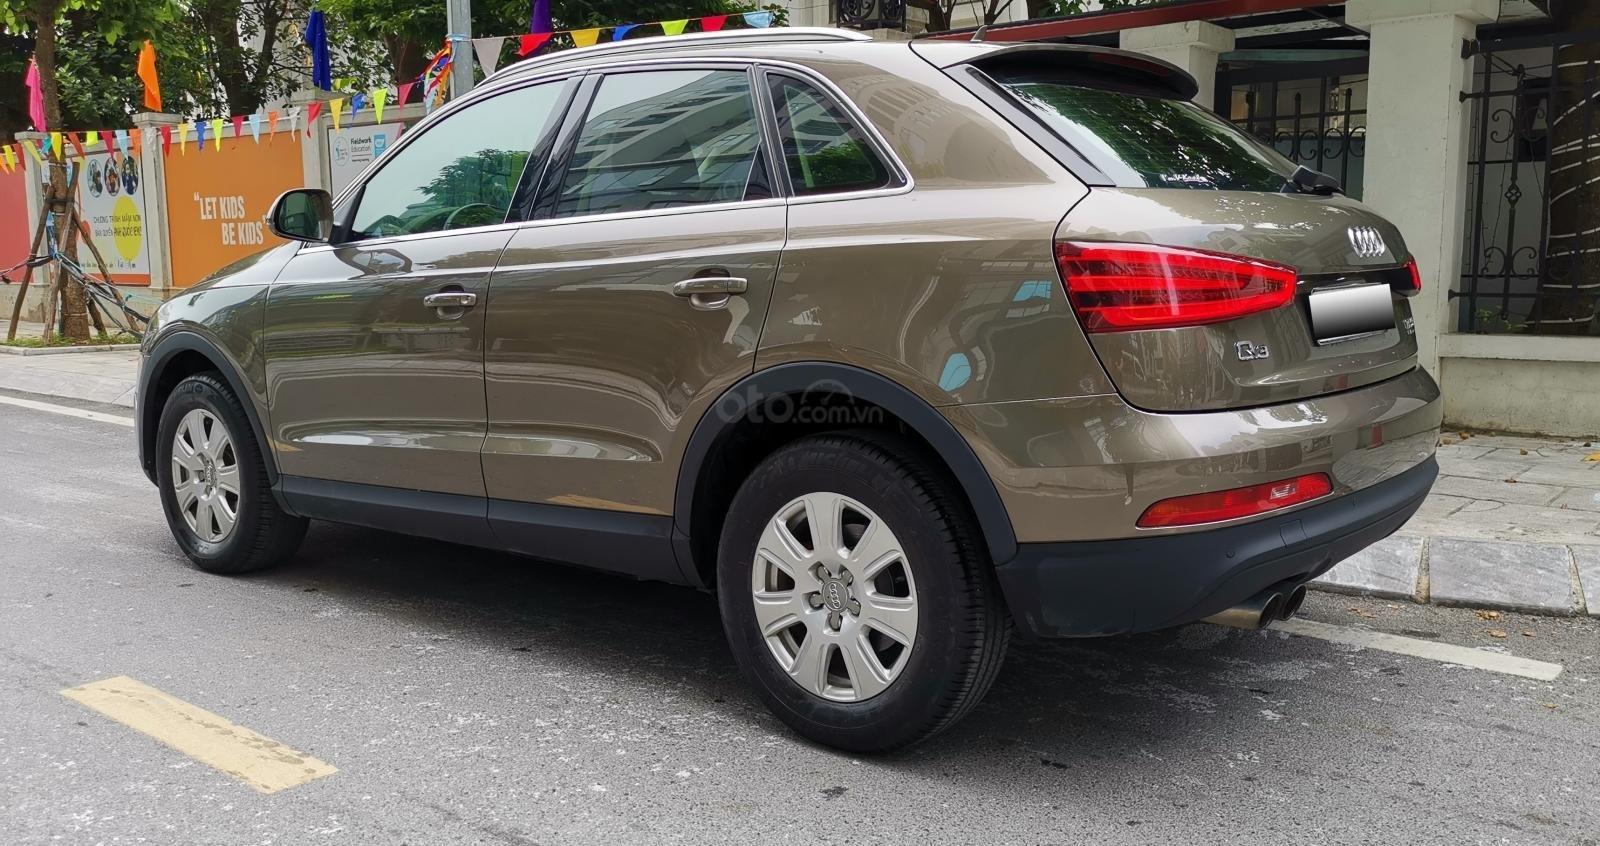 Cần bán Audi Q3 sản xuất 2015 nhập khẩu (4)